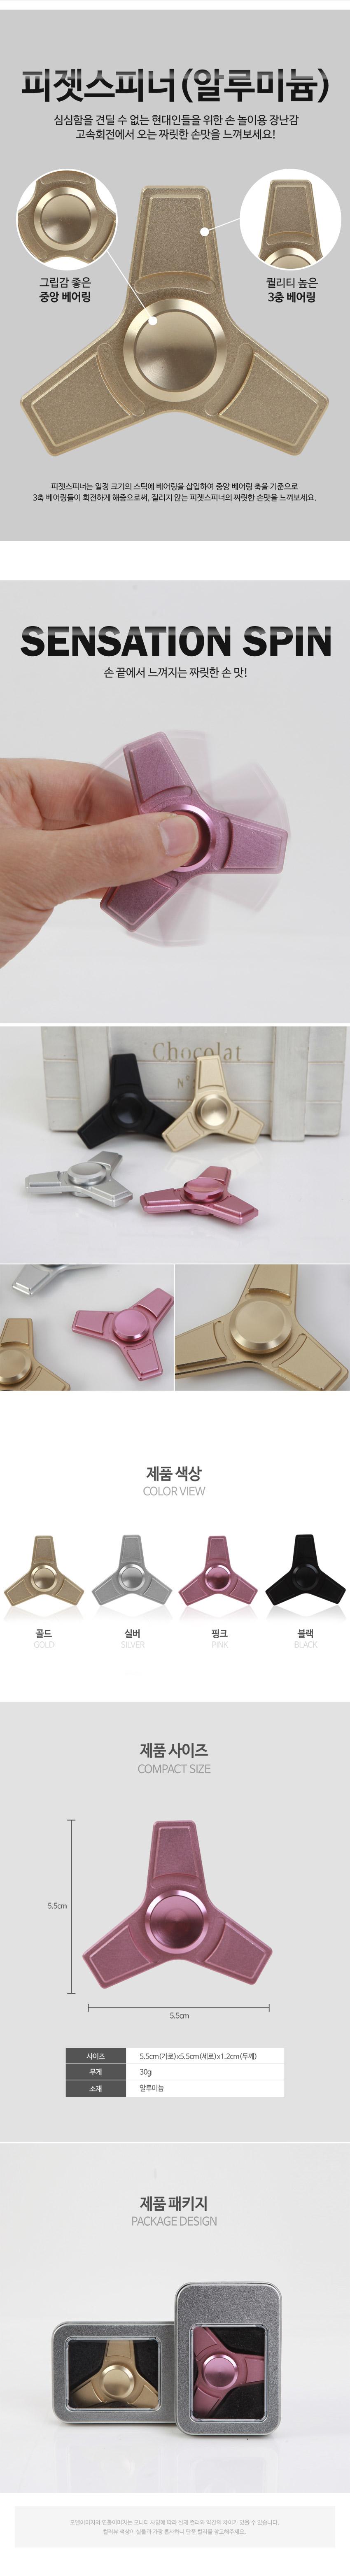 프롬비 피젯스피너(알루미늄) - 지홀리, 15,800원, 아이디어 상품, 아이디어 상품